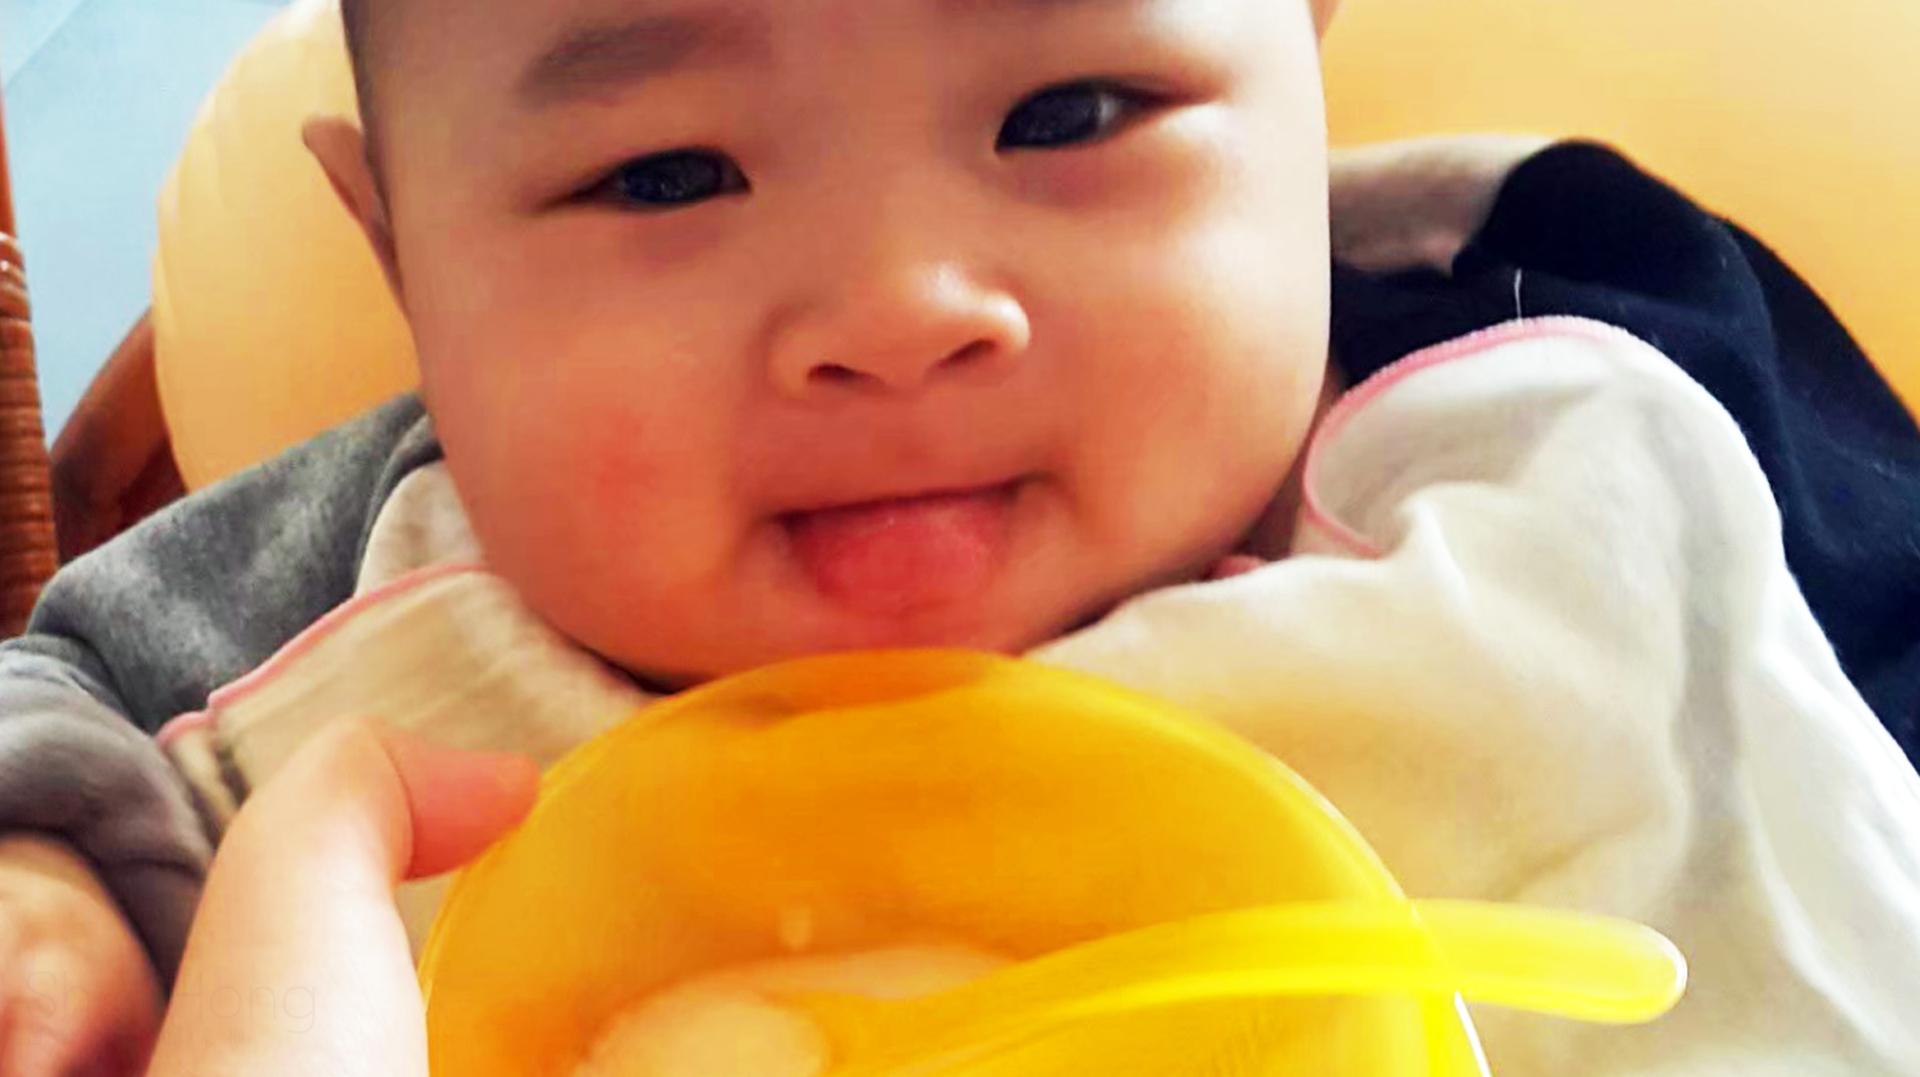 從孩子的副食品開始  在台灣大部分的爸爸媽媽  都會以10倍白米糊  粥之米湯為首選  直到長出乳牙的過程